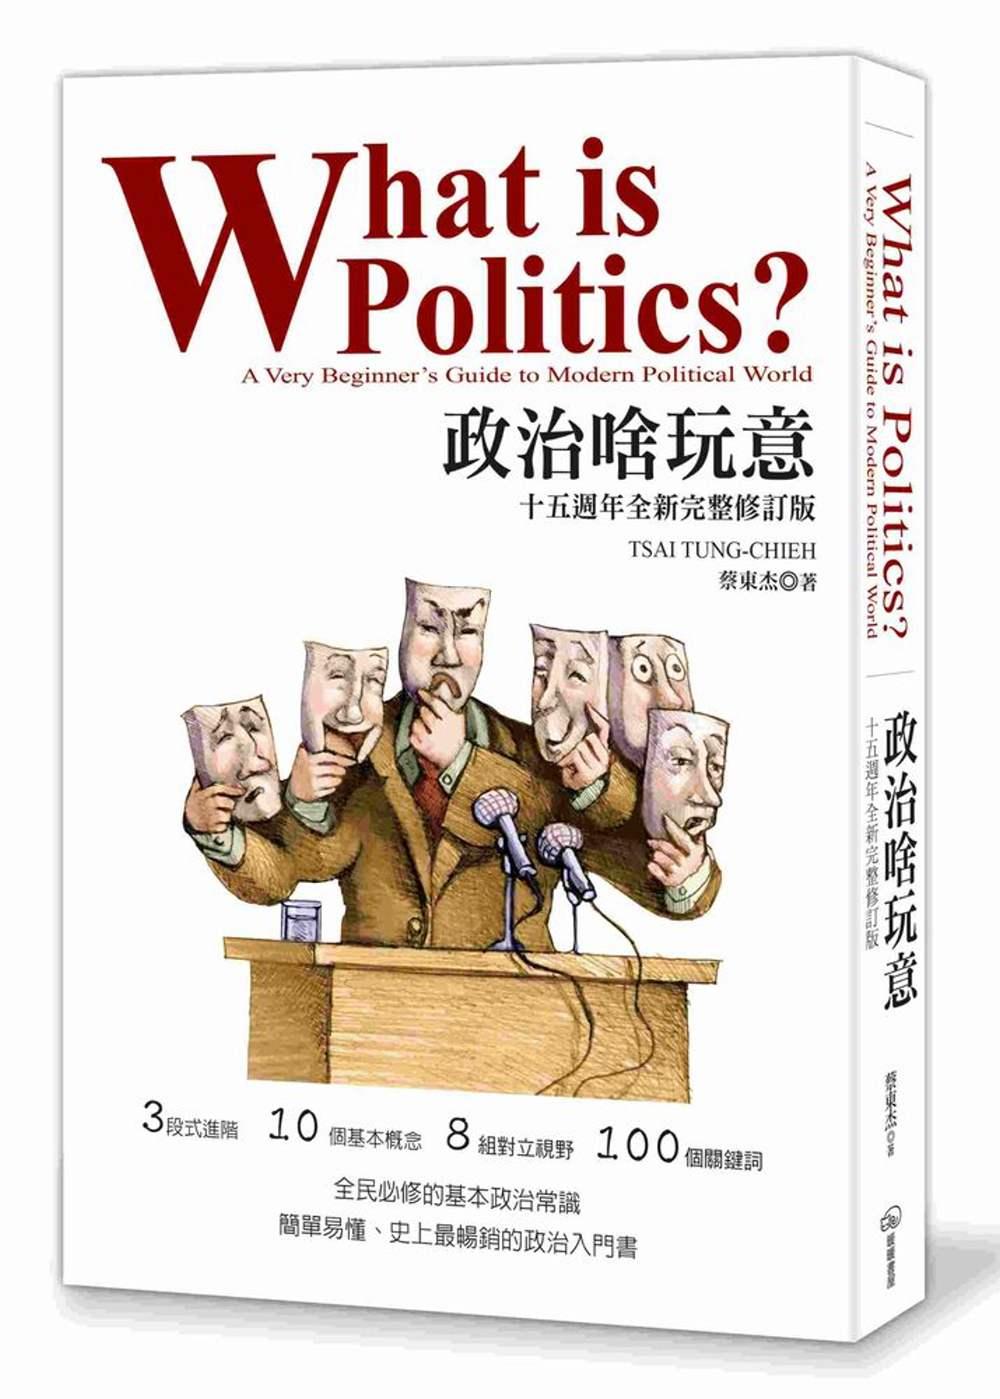 政治啥玩意